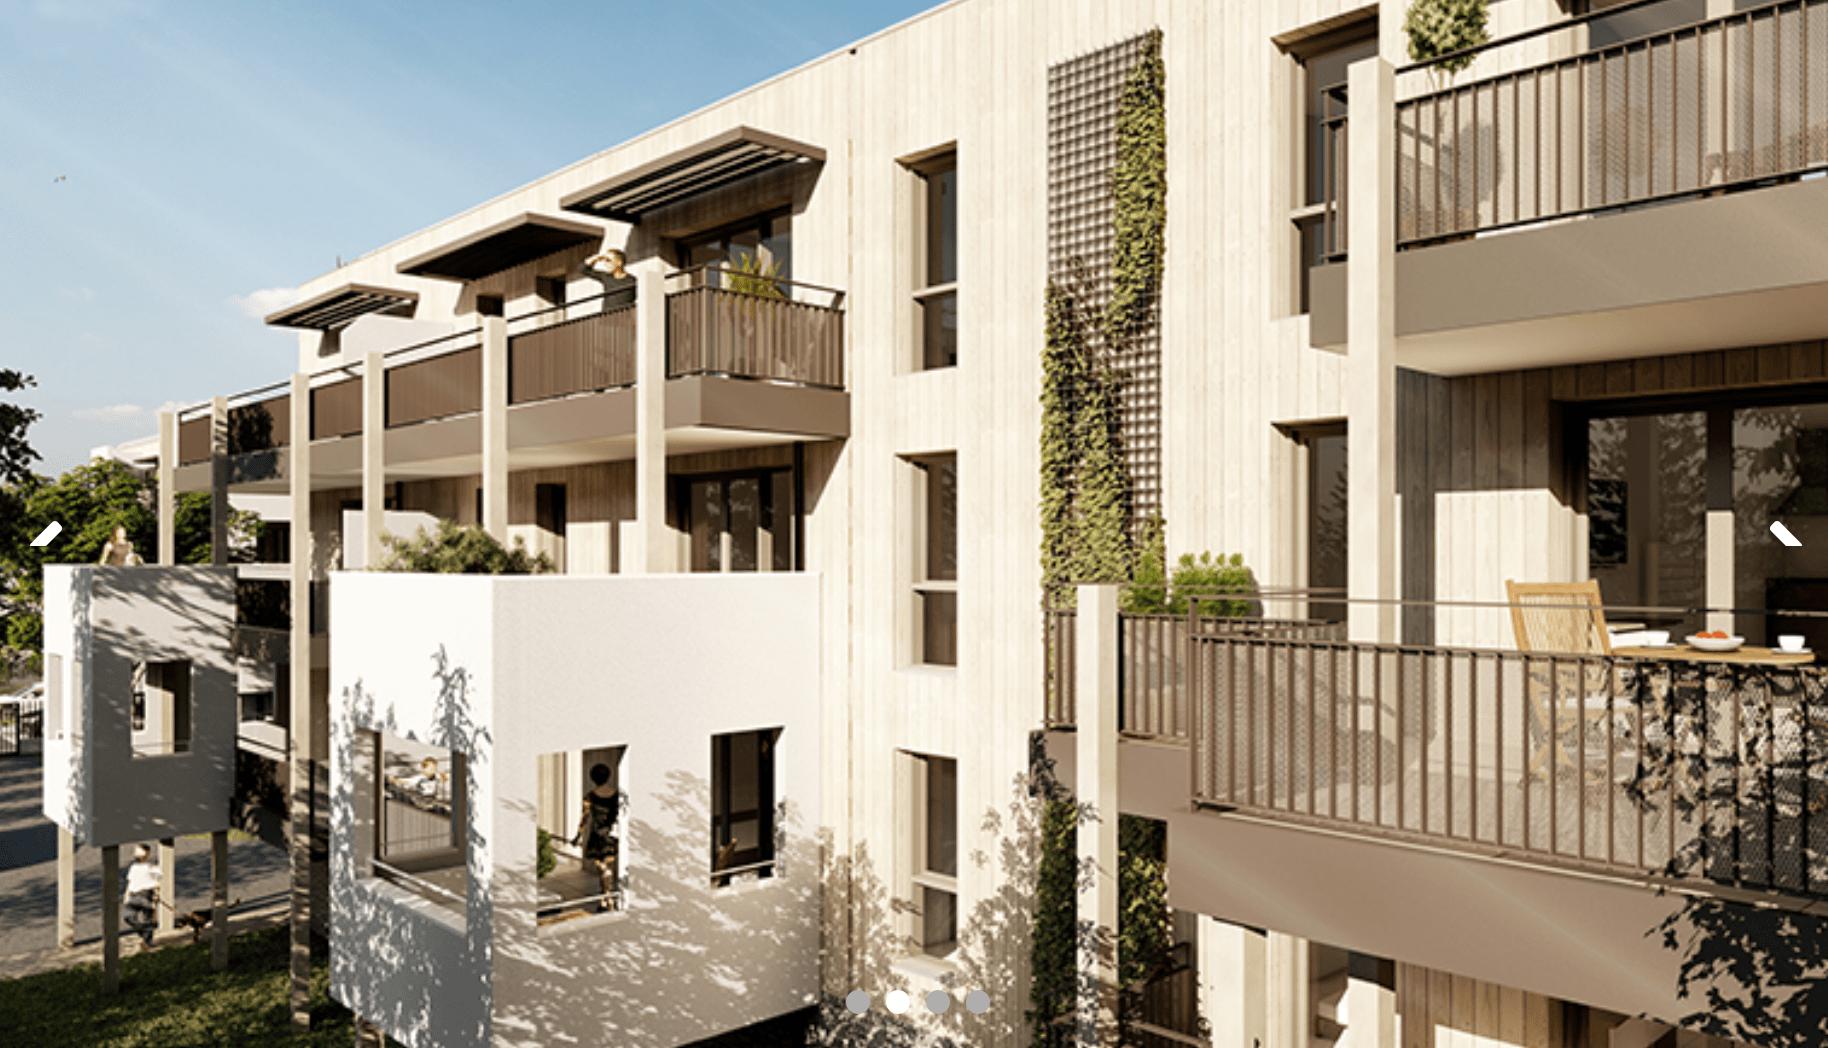 Programme immobilier PI44 appartement à Le Pontet (84130) À 5 minutes à pied des commerces